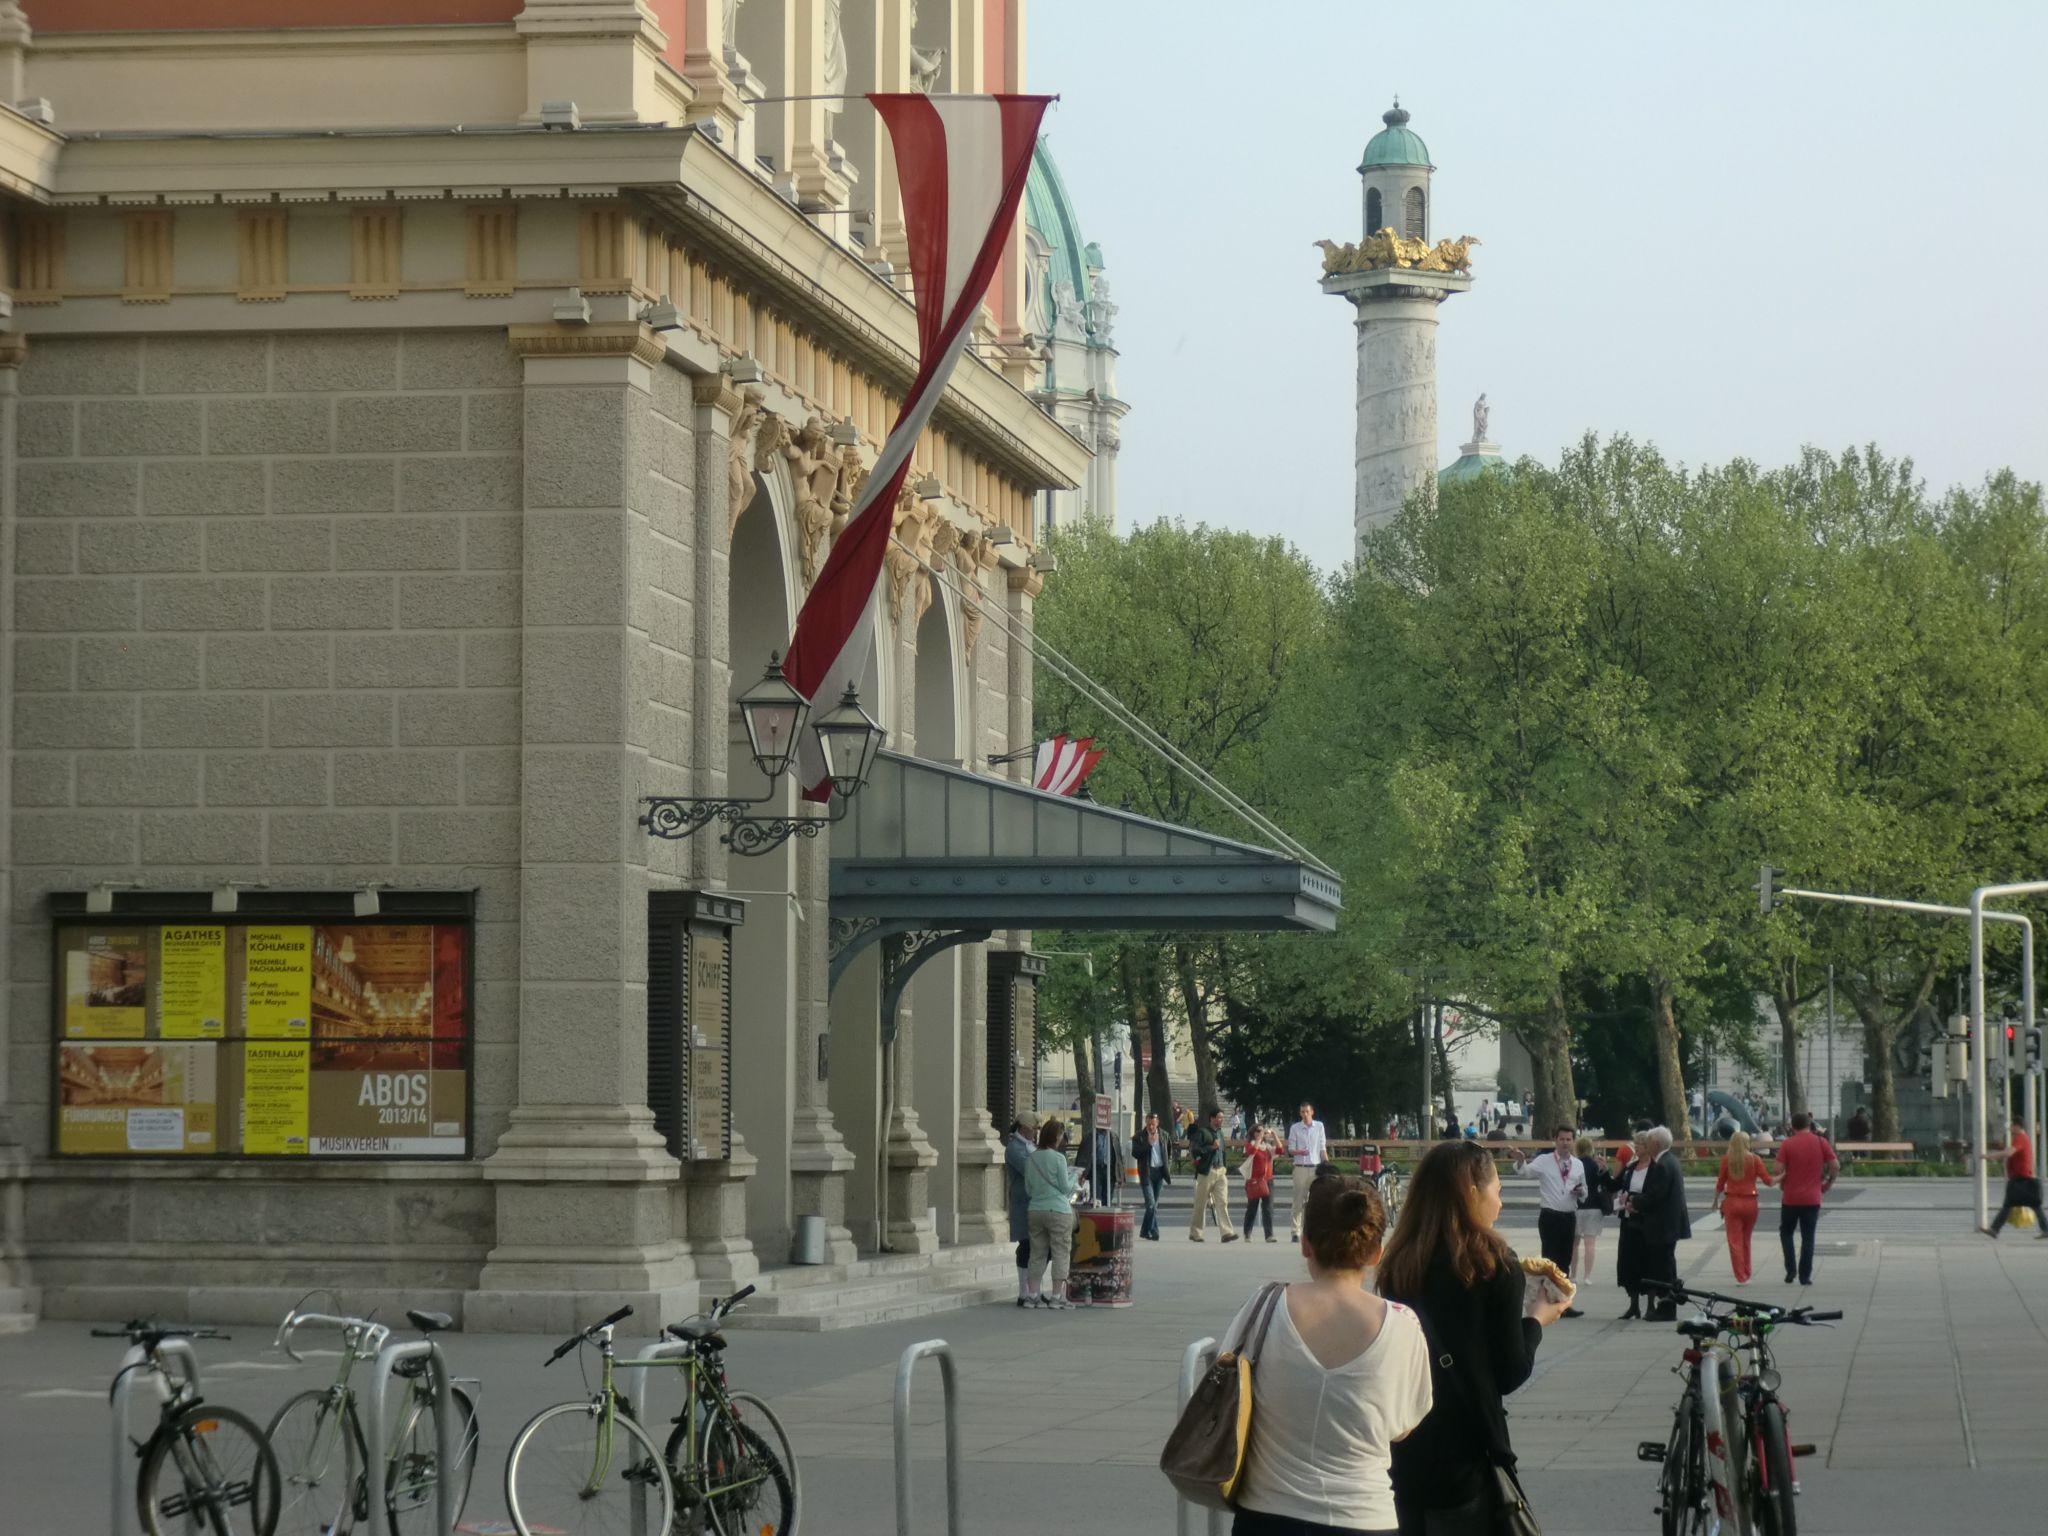 Vienna Opera 6 1440x1080 - Vienna: elegant beauty